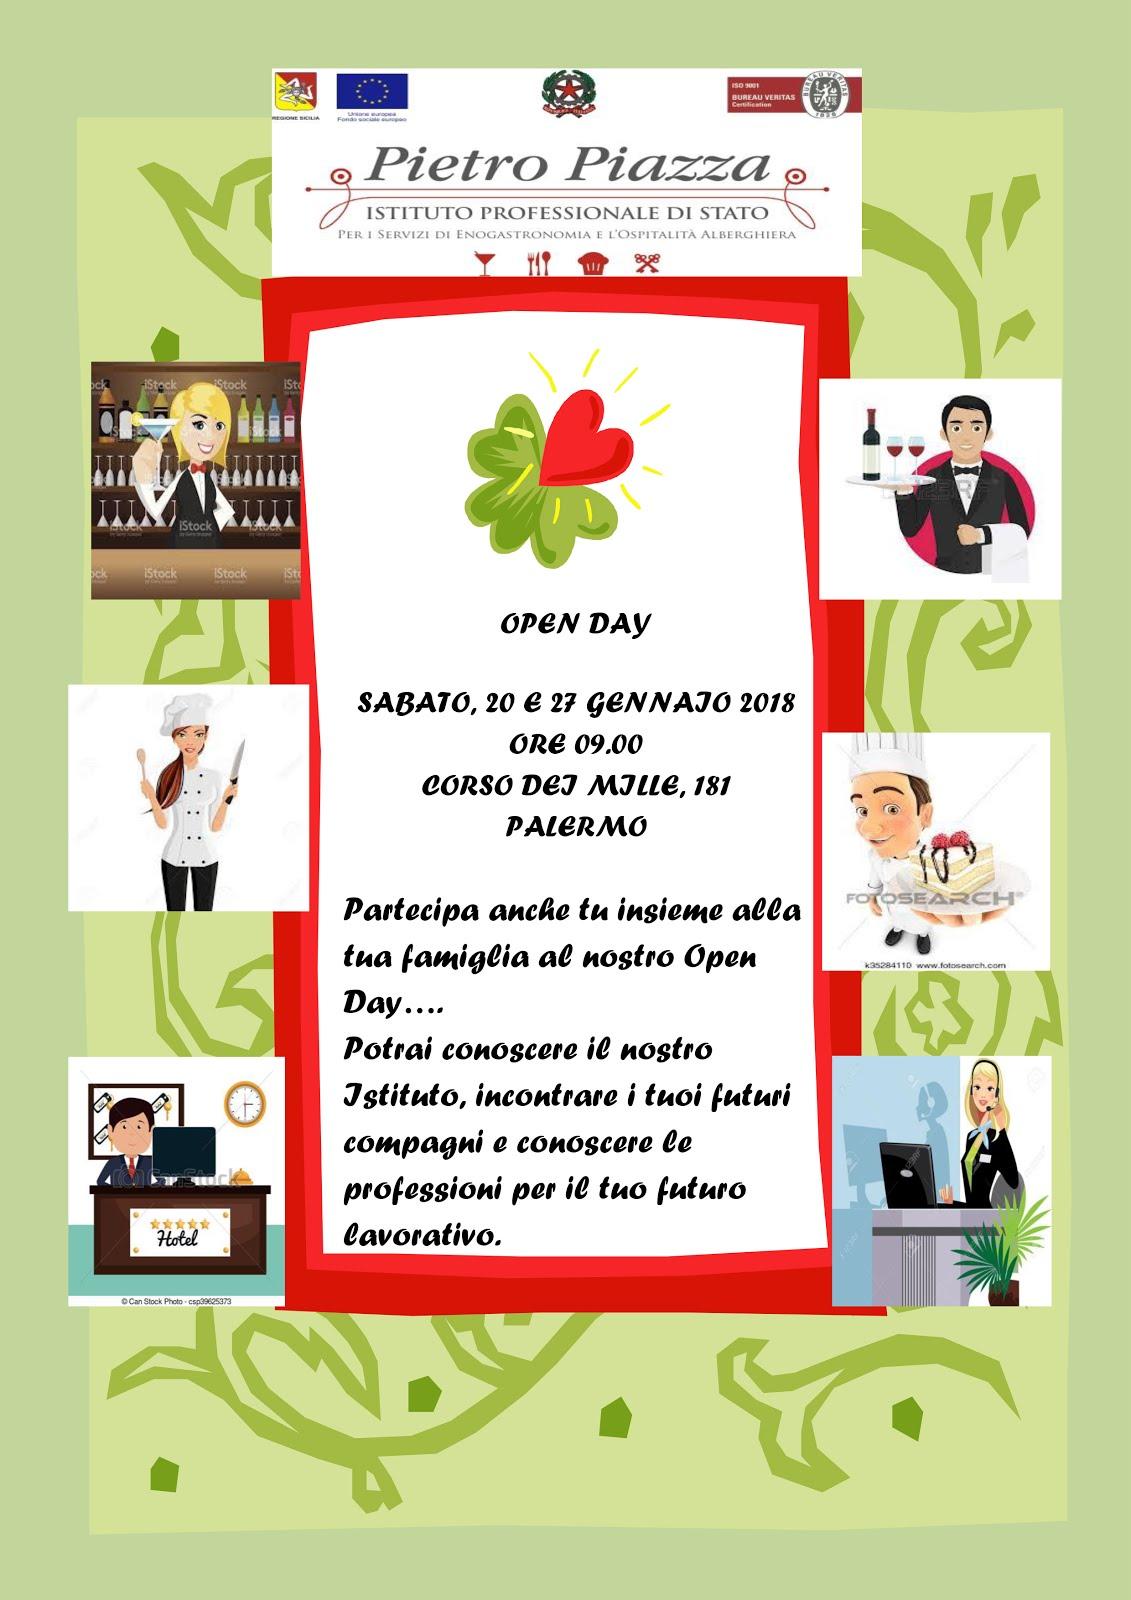 Open Day Pietro Piazza 20 e 27 Gennaio 2018